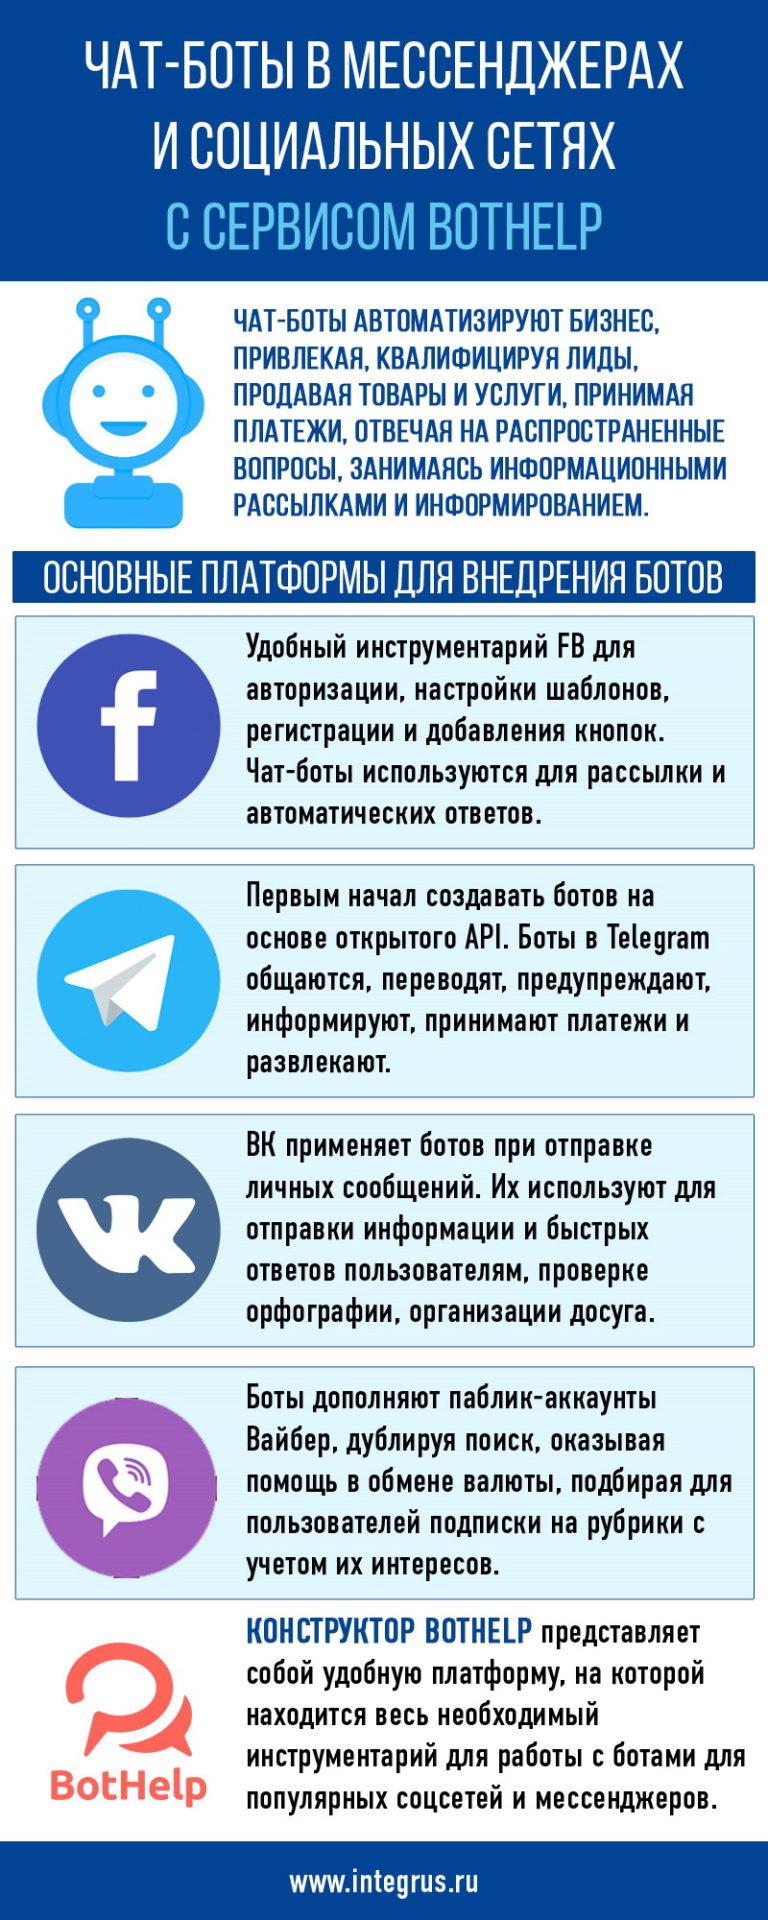 Чат-боты в мессенджерах и социальных сетях